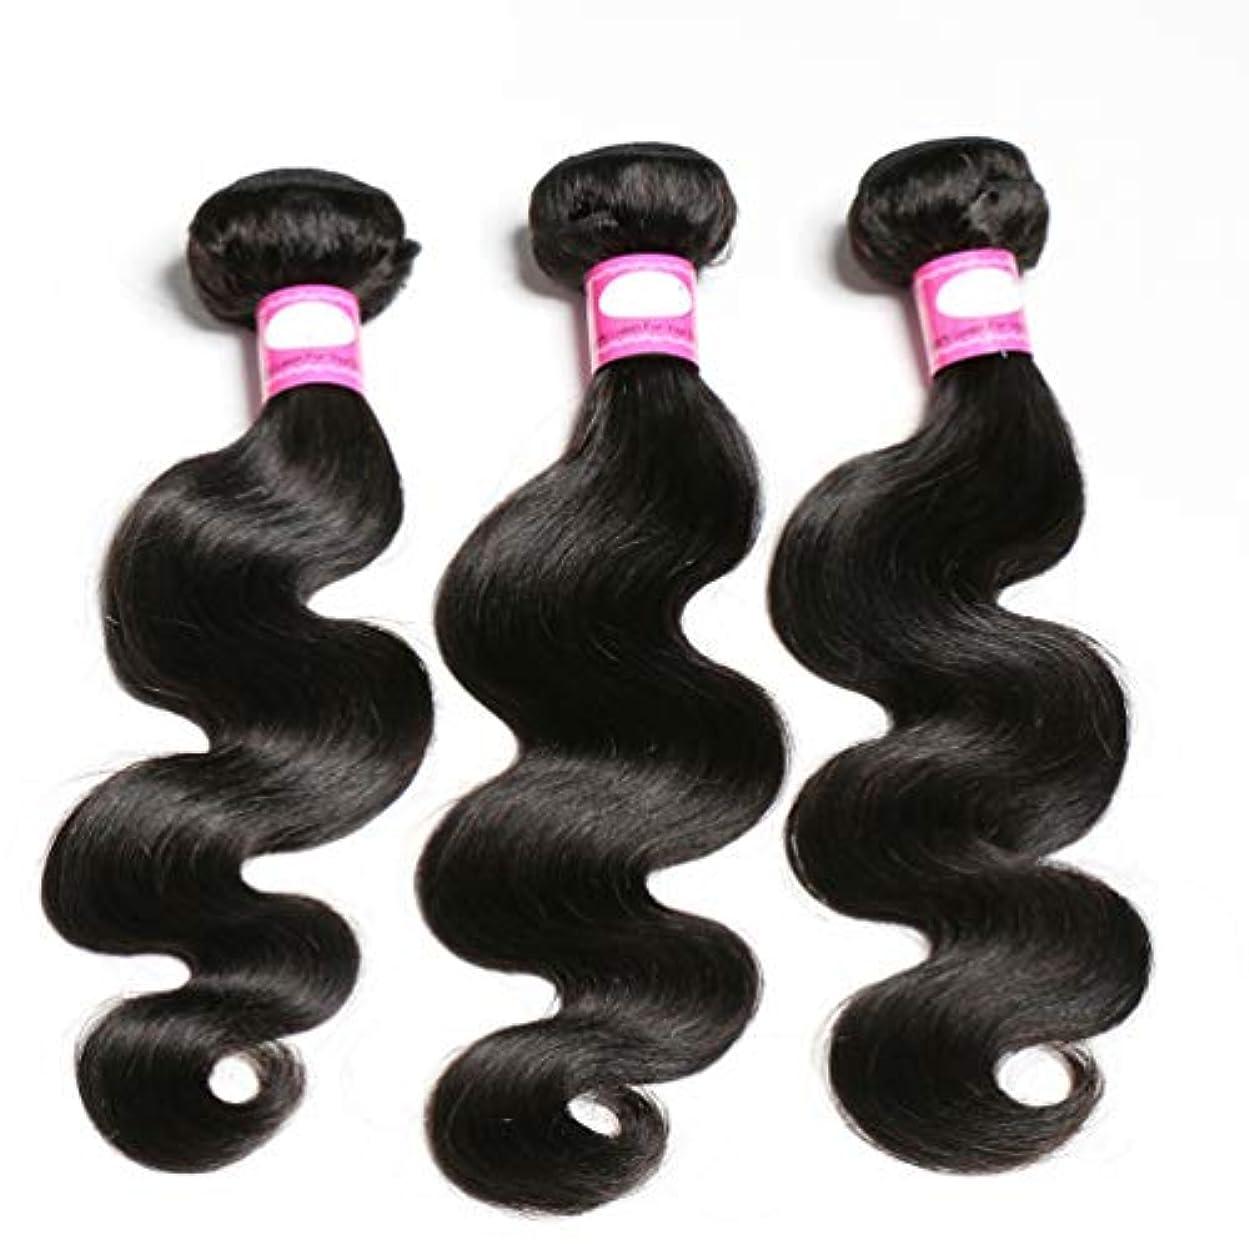 敬意を表するにじみ出る可能にするブラジルの巻き毛の束深い波の束100%ブラジルのレミーの巻き毛の人間の毛髪の織り方ブラジルの毛の束(3束)